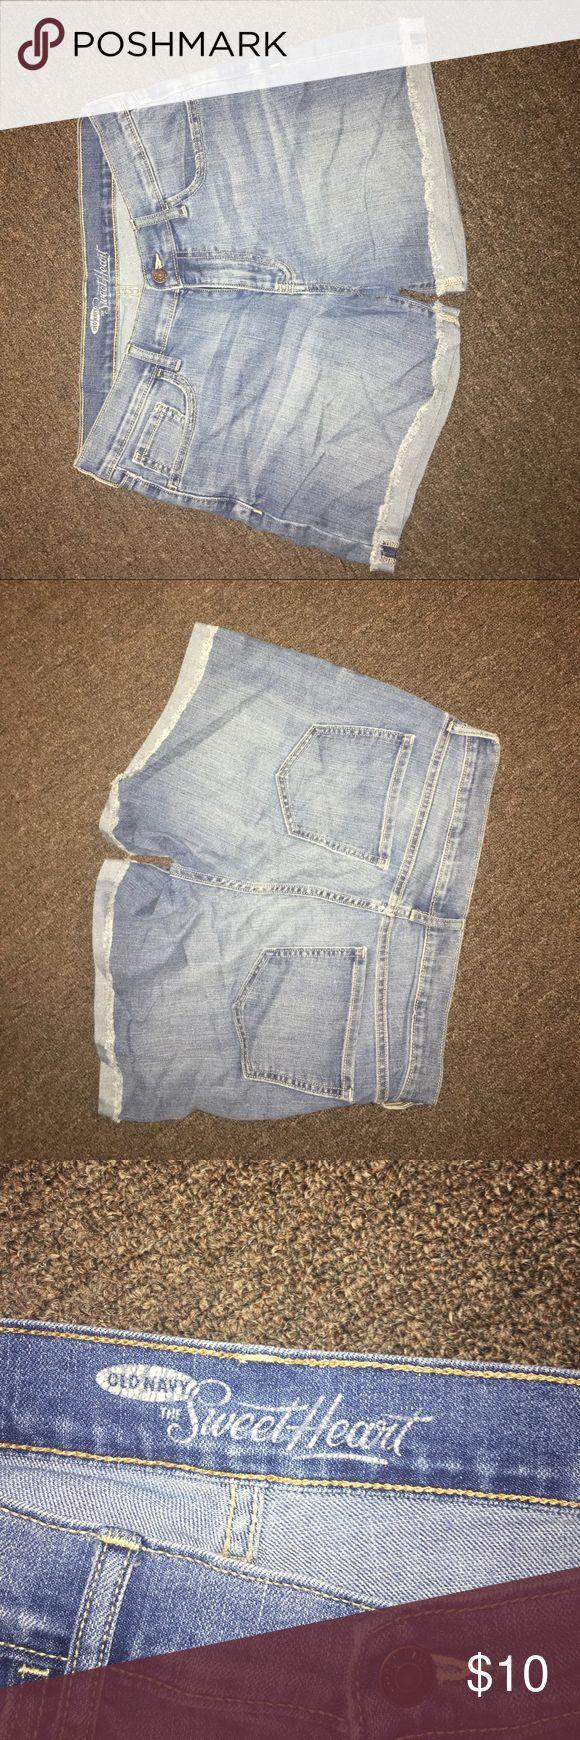 Women's denim shorts. Women's denim shorts. Cuffed edge, no tears. Old Navy Shorts Jean Shorts